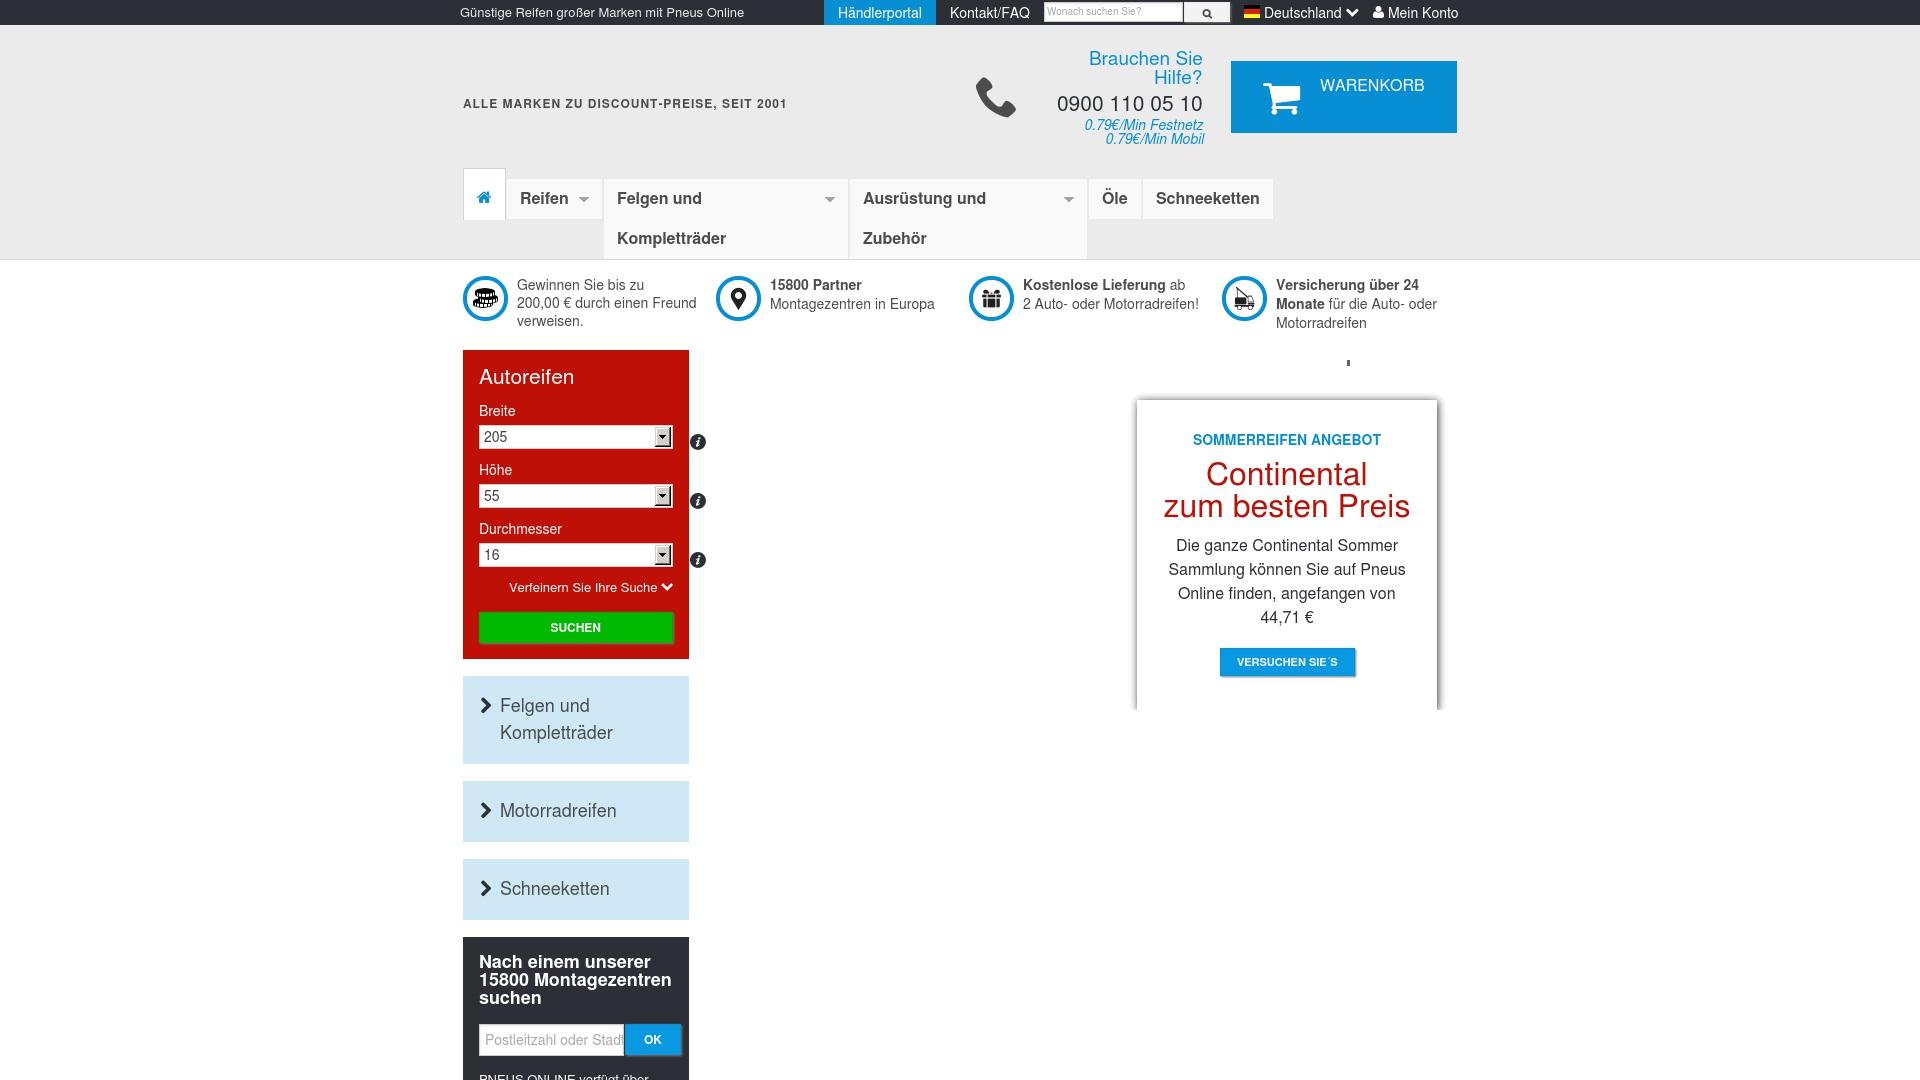 Gutschein für Reifen-pneus-online: Rabatte für  Reifen-pneus-online sichern